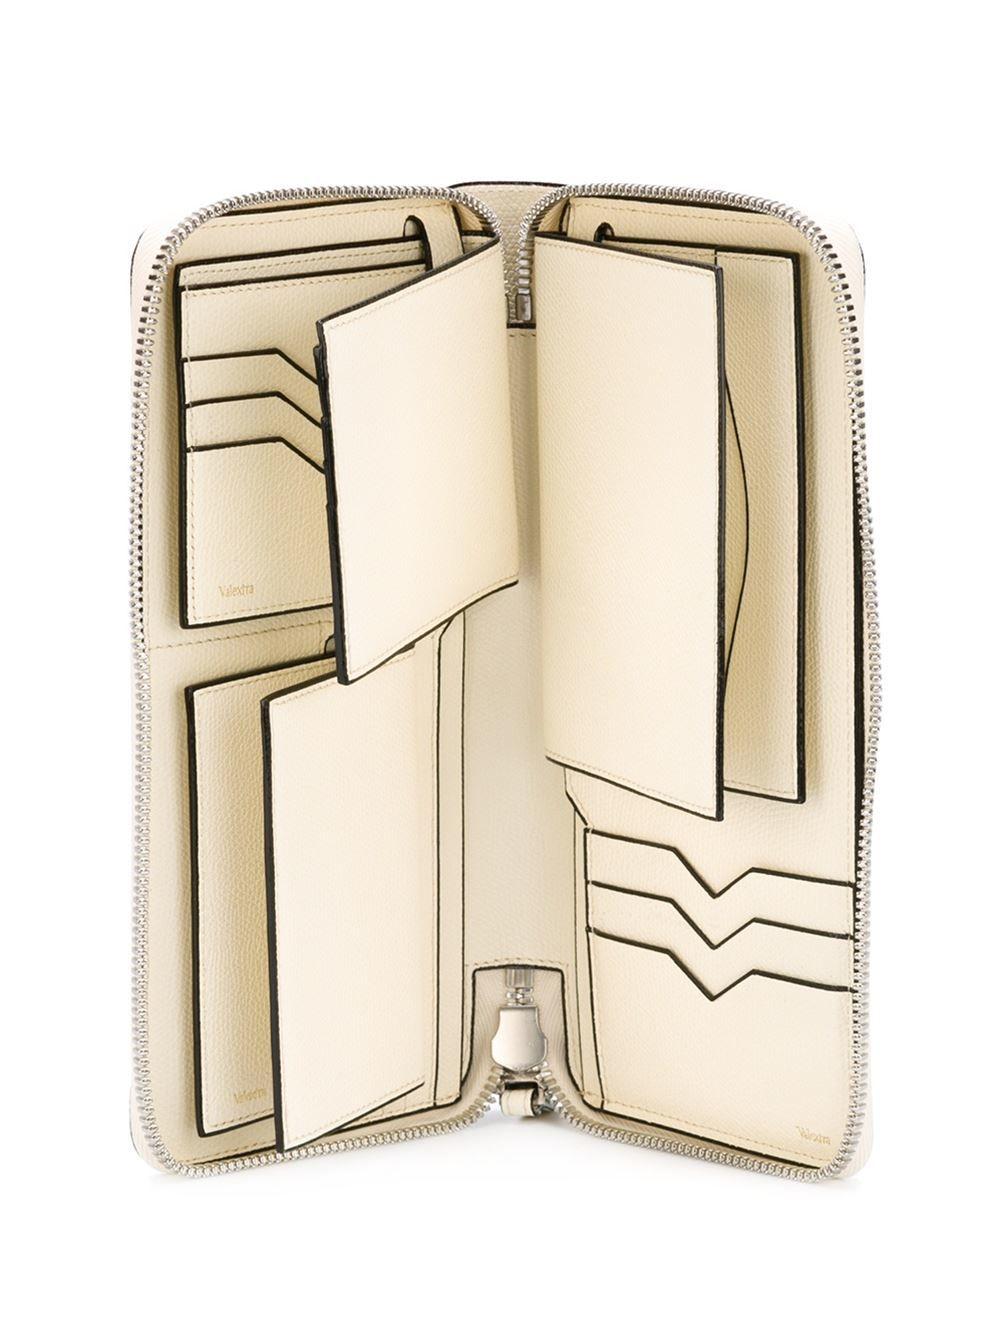 0ffeaefbe Lyst - Valextra Zip Around Wallet in Natural for Men Billeteras, Carteras, Cartera  Prada